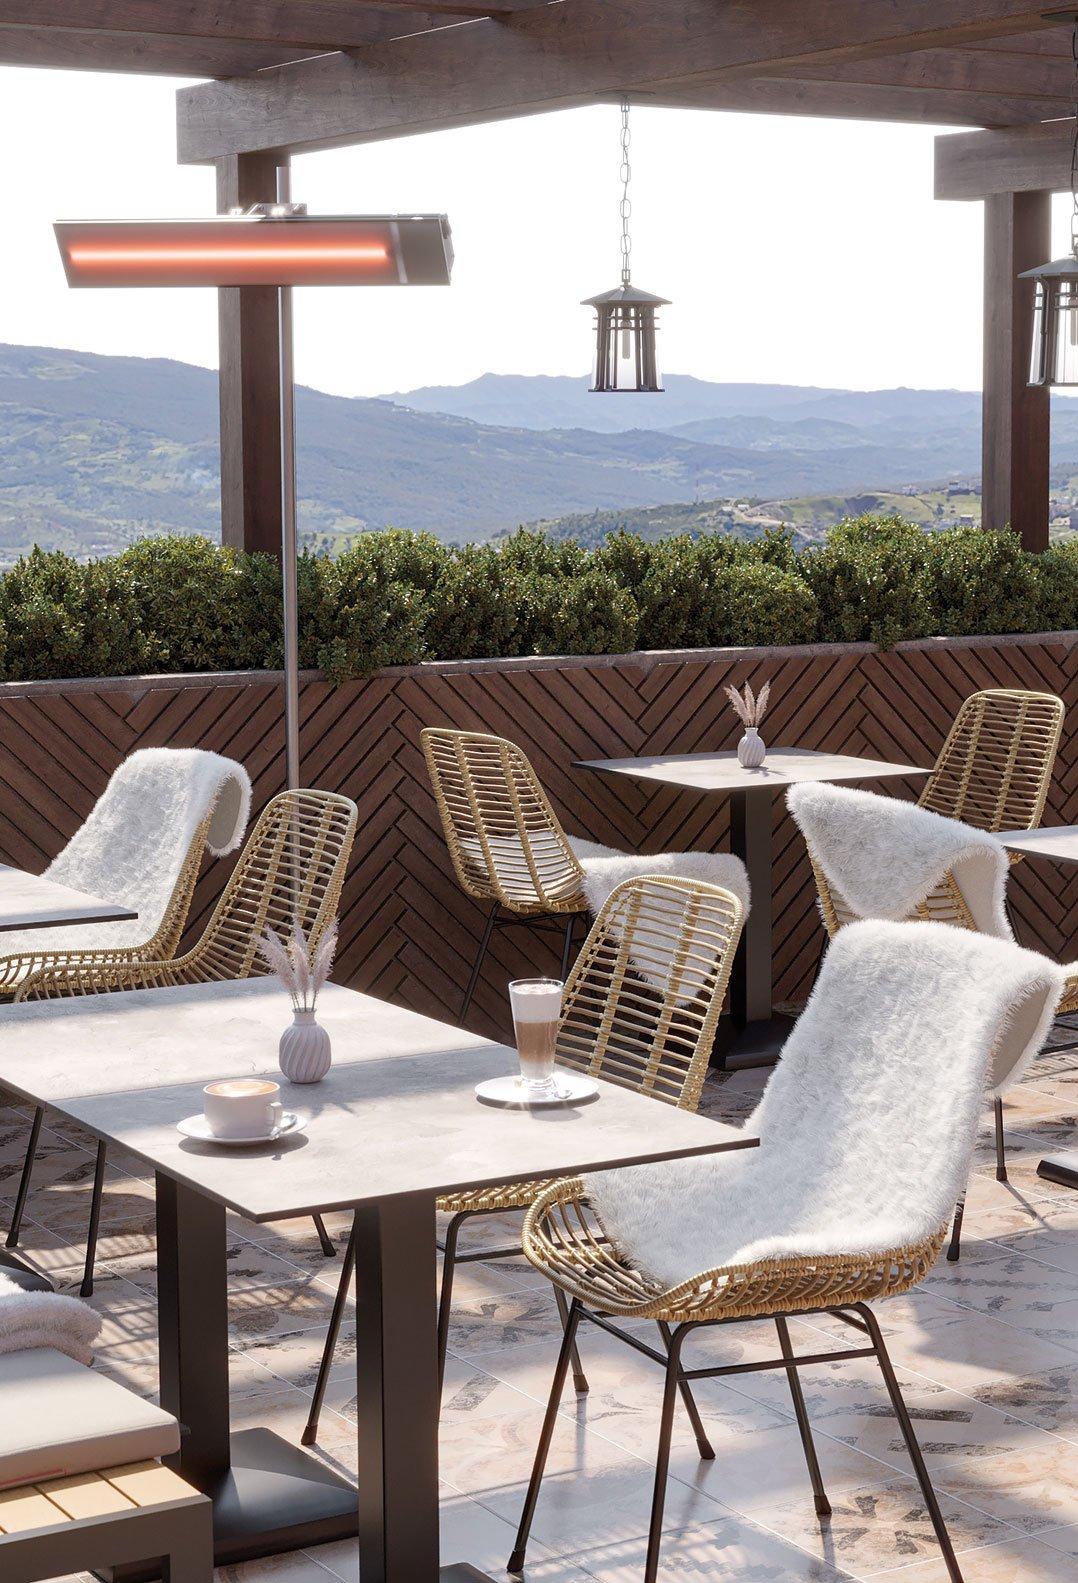 Meubles d'extérieur pour votre restaurant ou hôtel